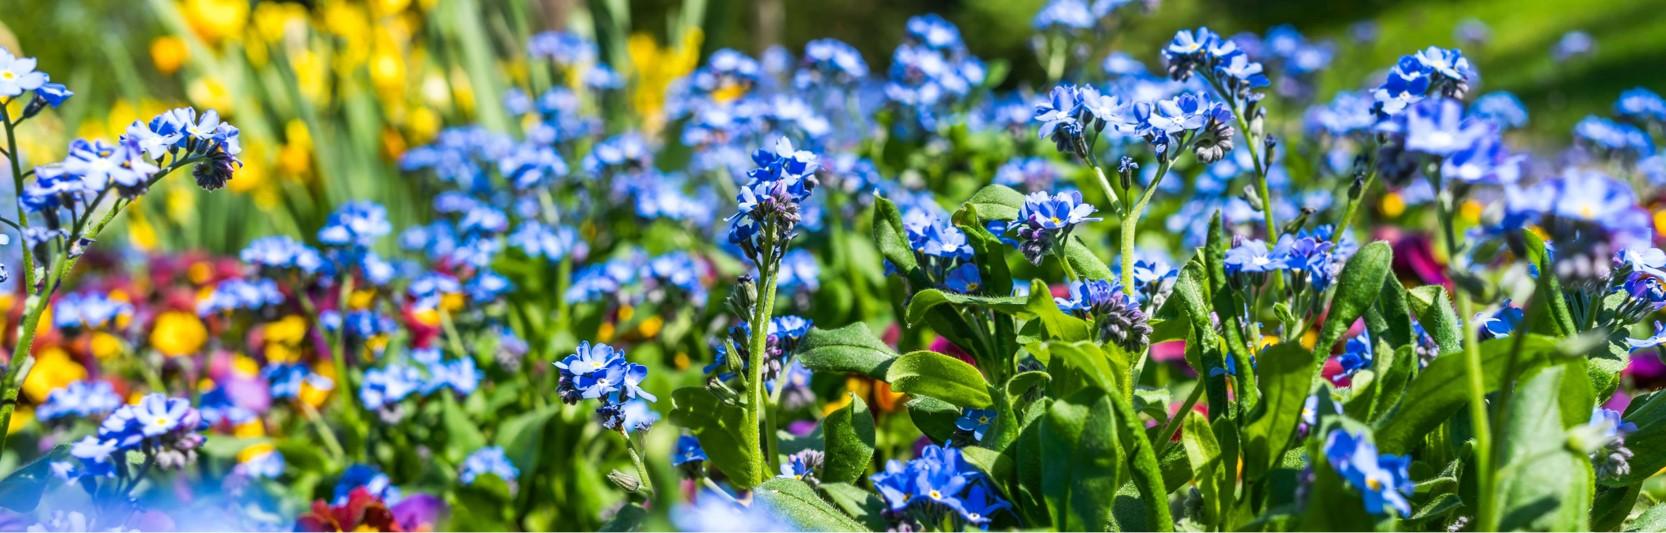 Newsartikel:Mein schöner Garten